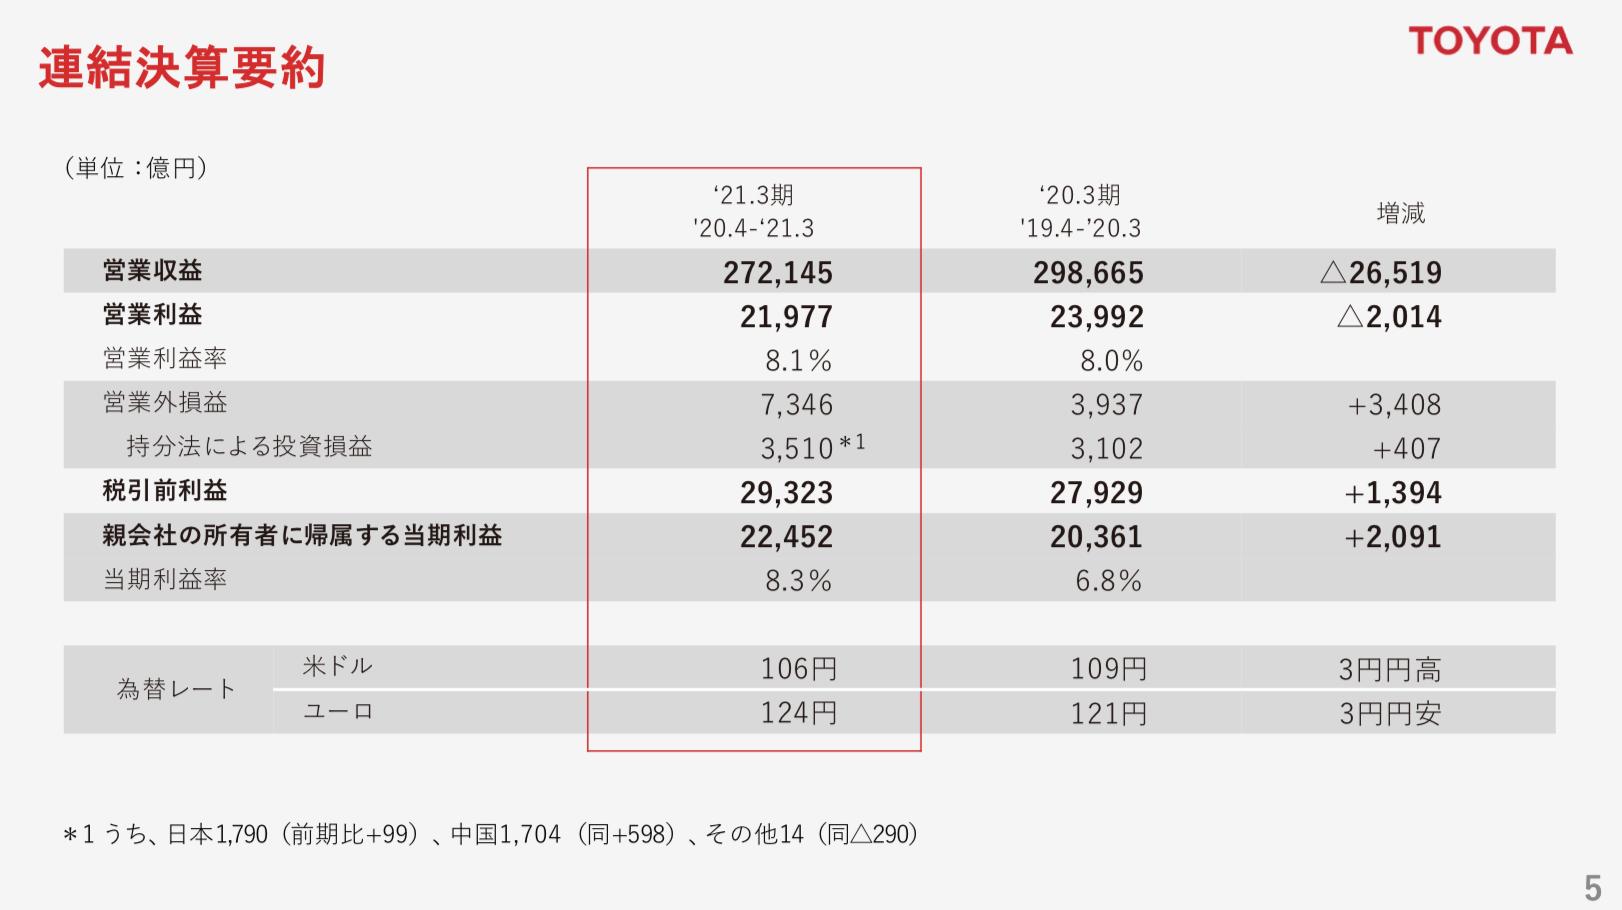 トヨタ自動車株式会社 2021年3月期 決算説明会